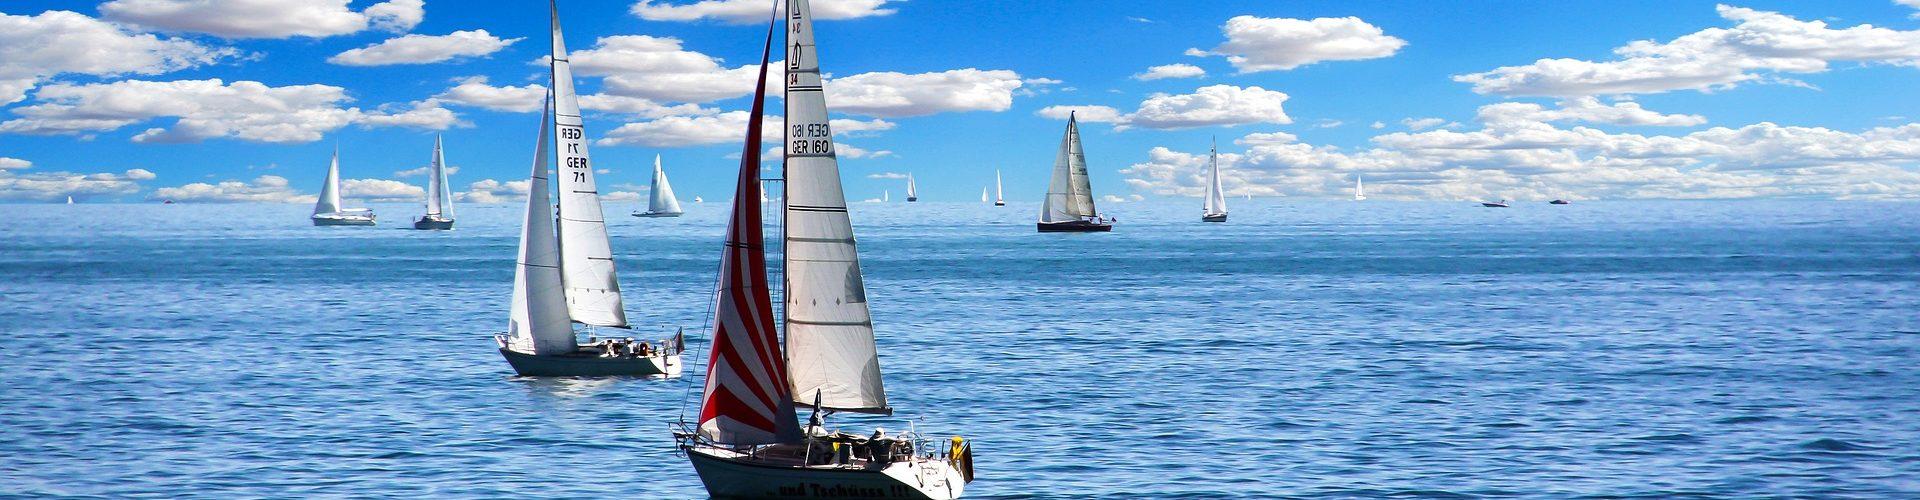 segeln lernen in Winkelhaid segelschein machen in Winkelhaid 1920x500 - Segeln lernen in Winkelhaid